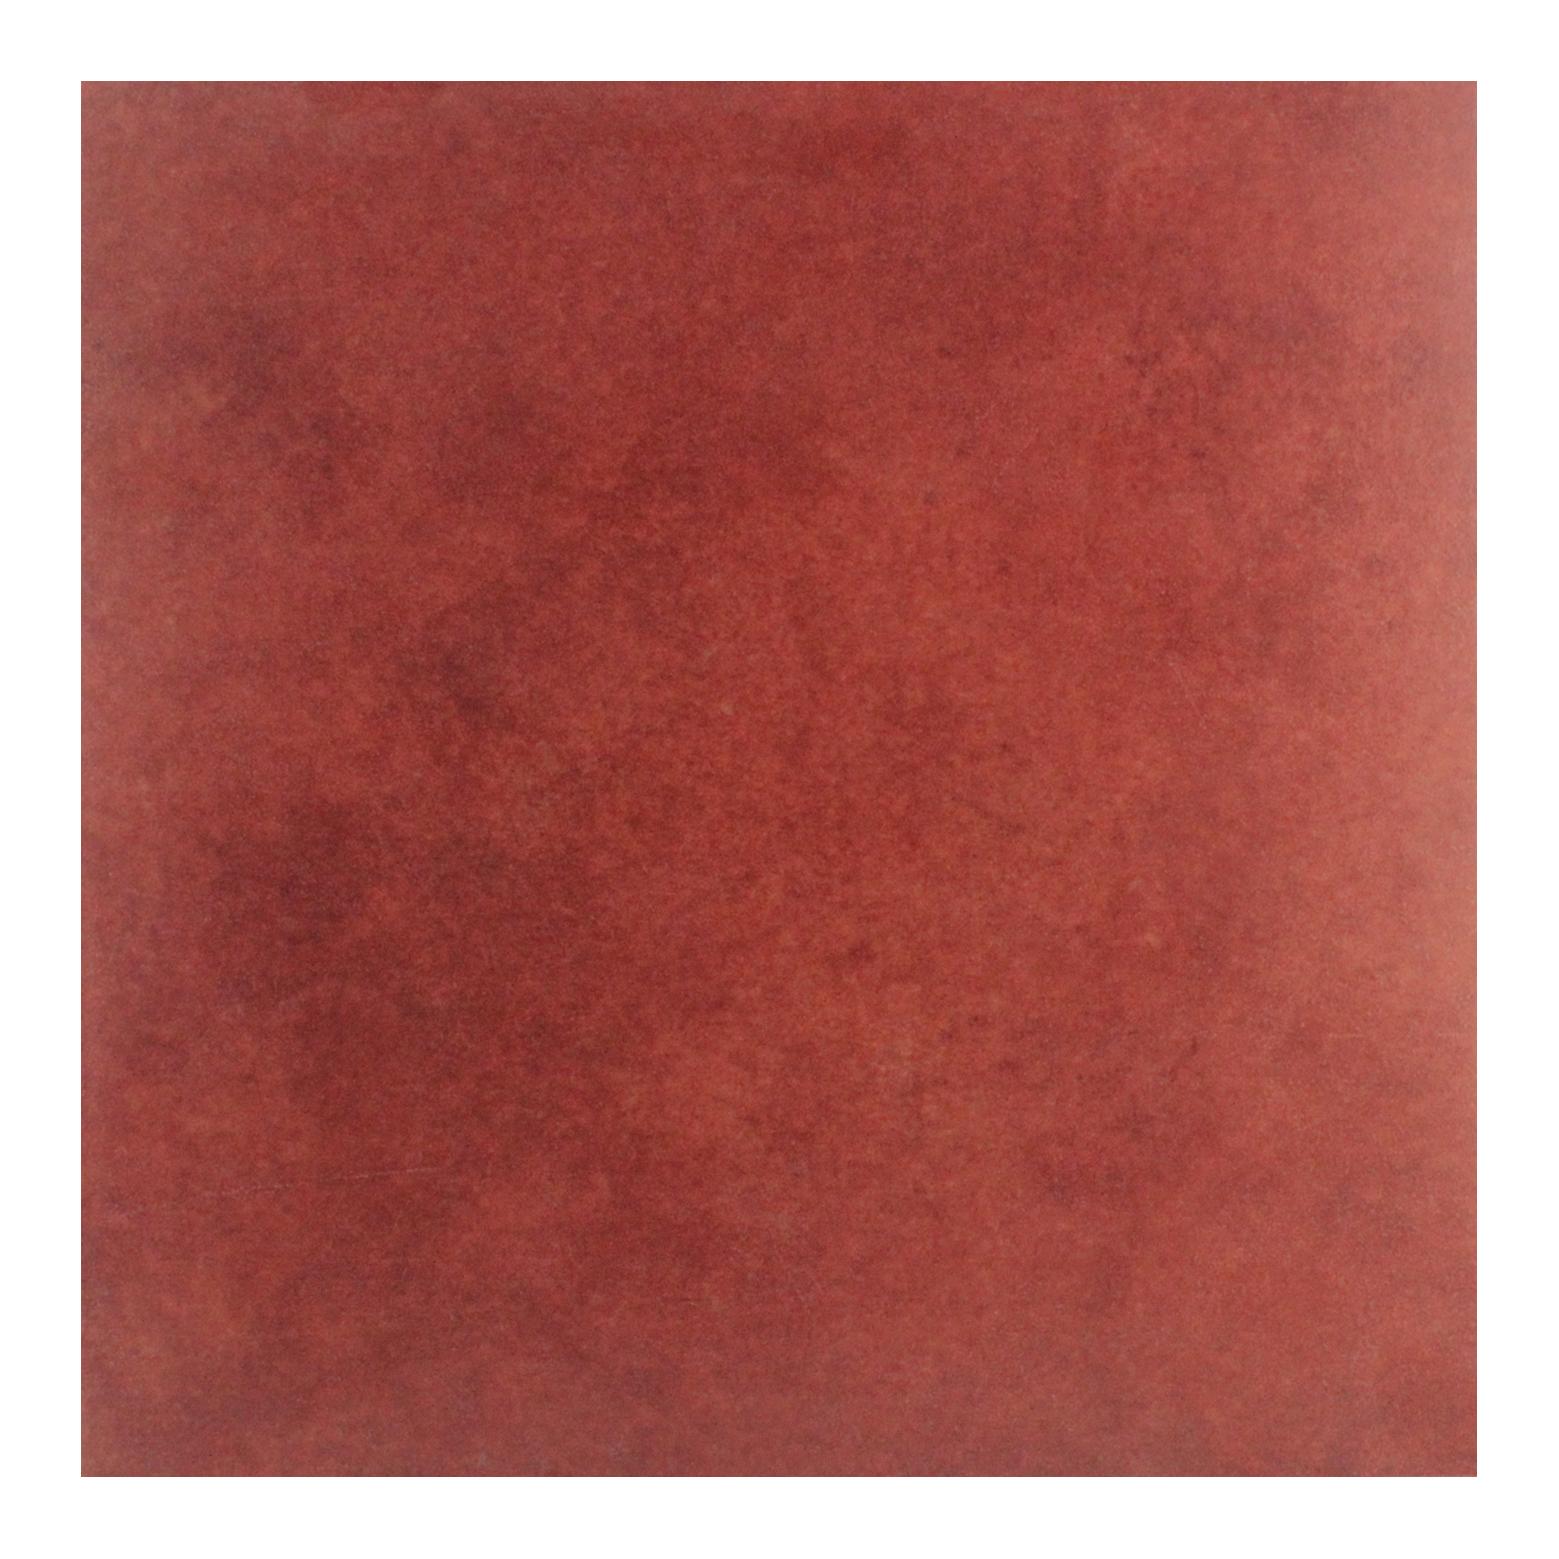 1 NE 01 13 Неаполь красный 33х33